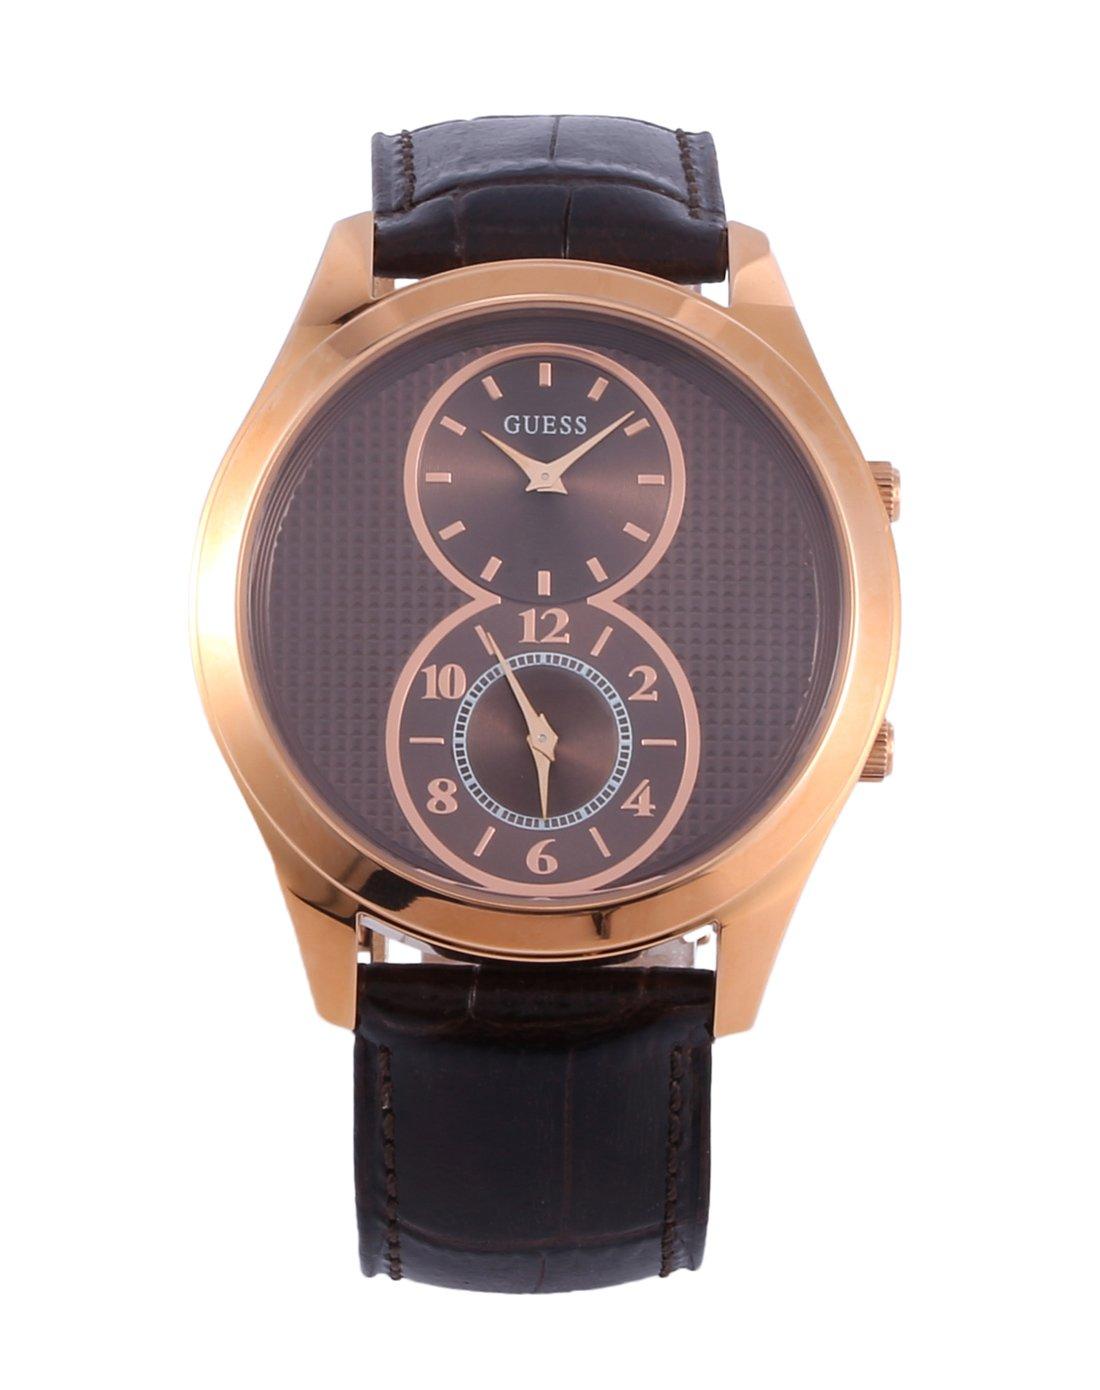 CueroColor Reloj Cuarzo Guess W0376g3 Para De HombreCon Correa Marrón PXkZiu